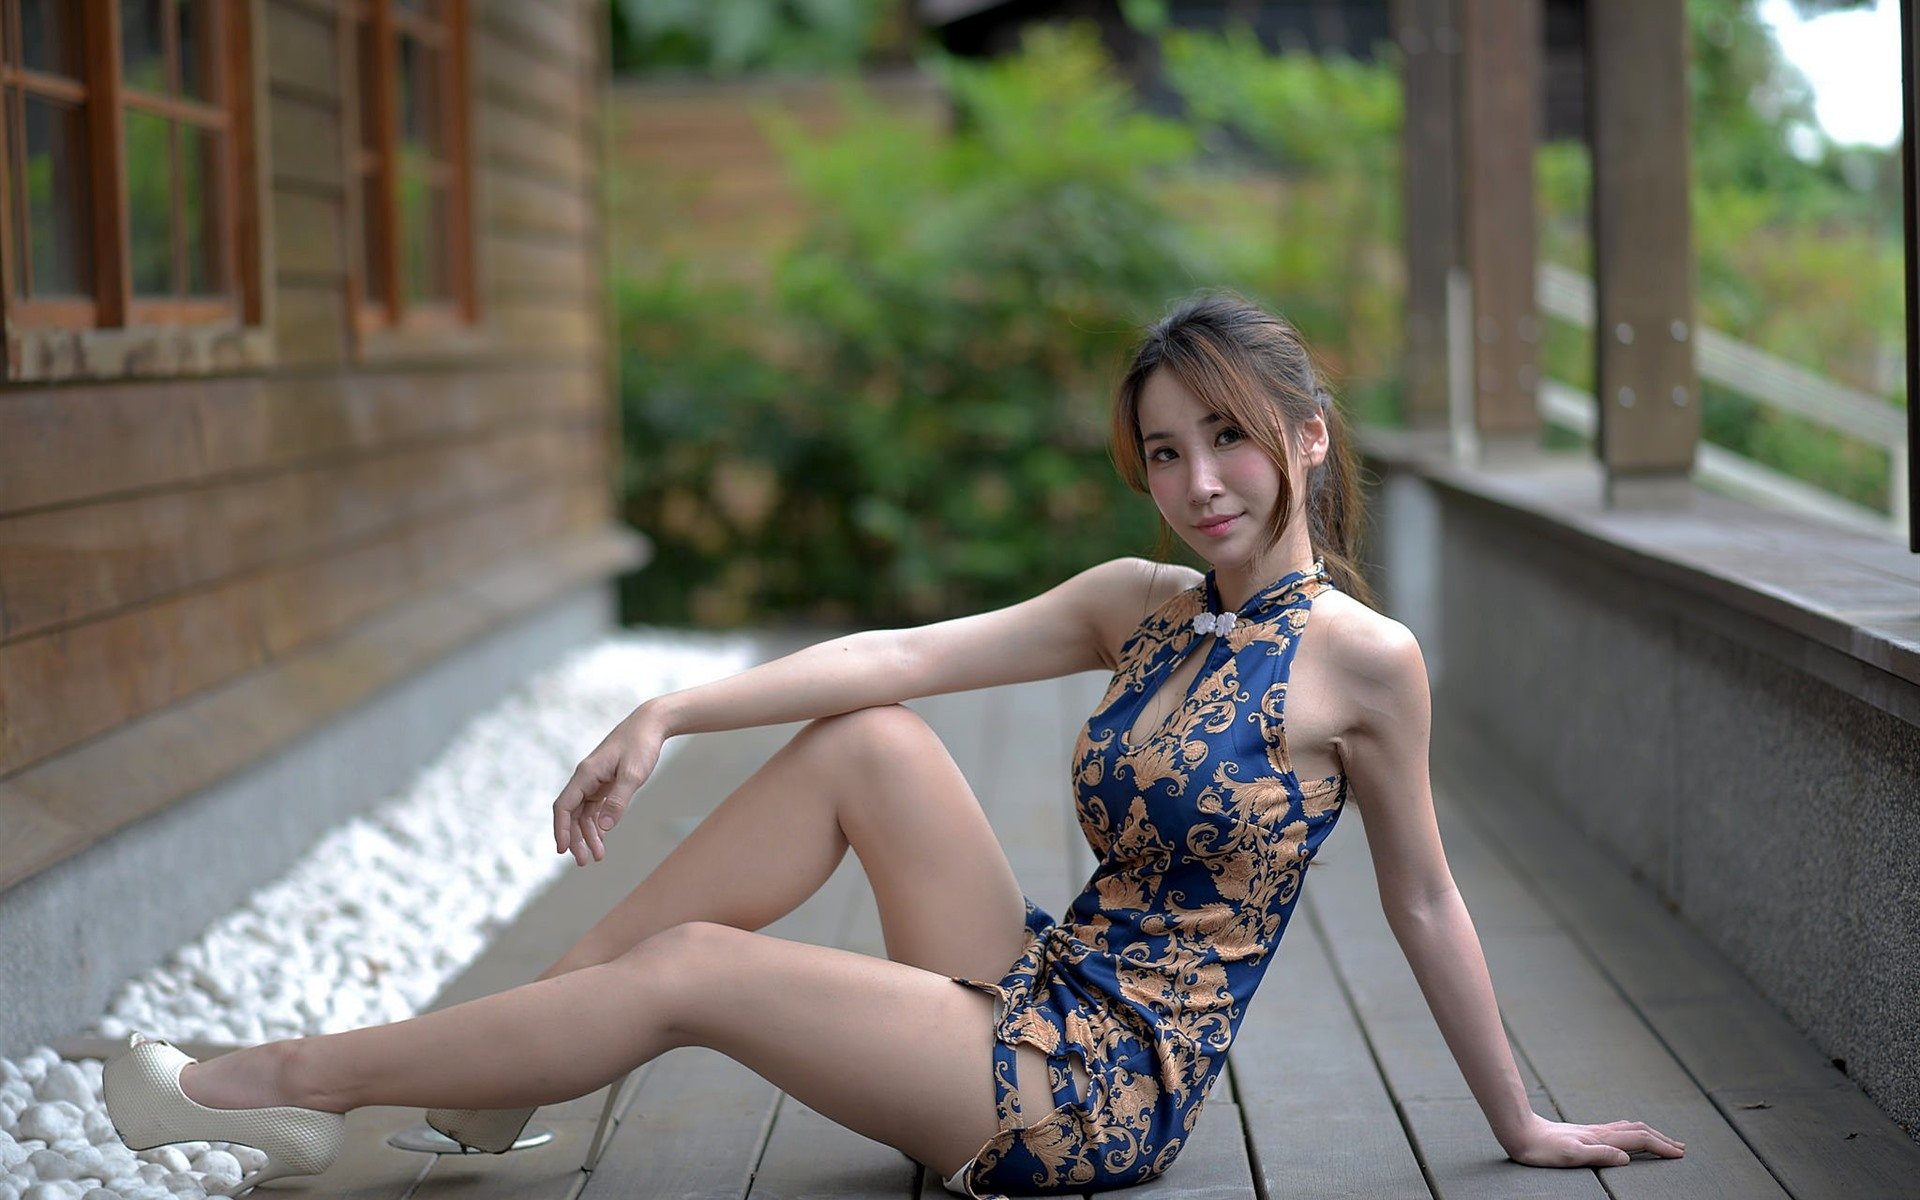 Ноги в стороны под платьем фото